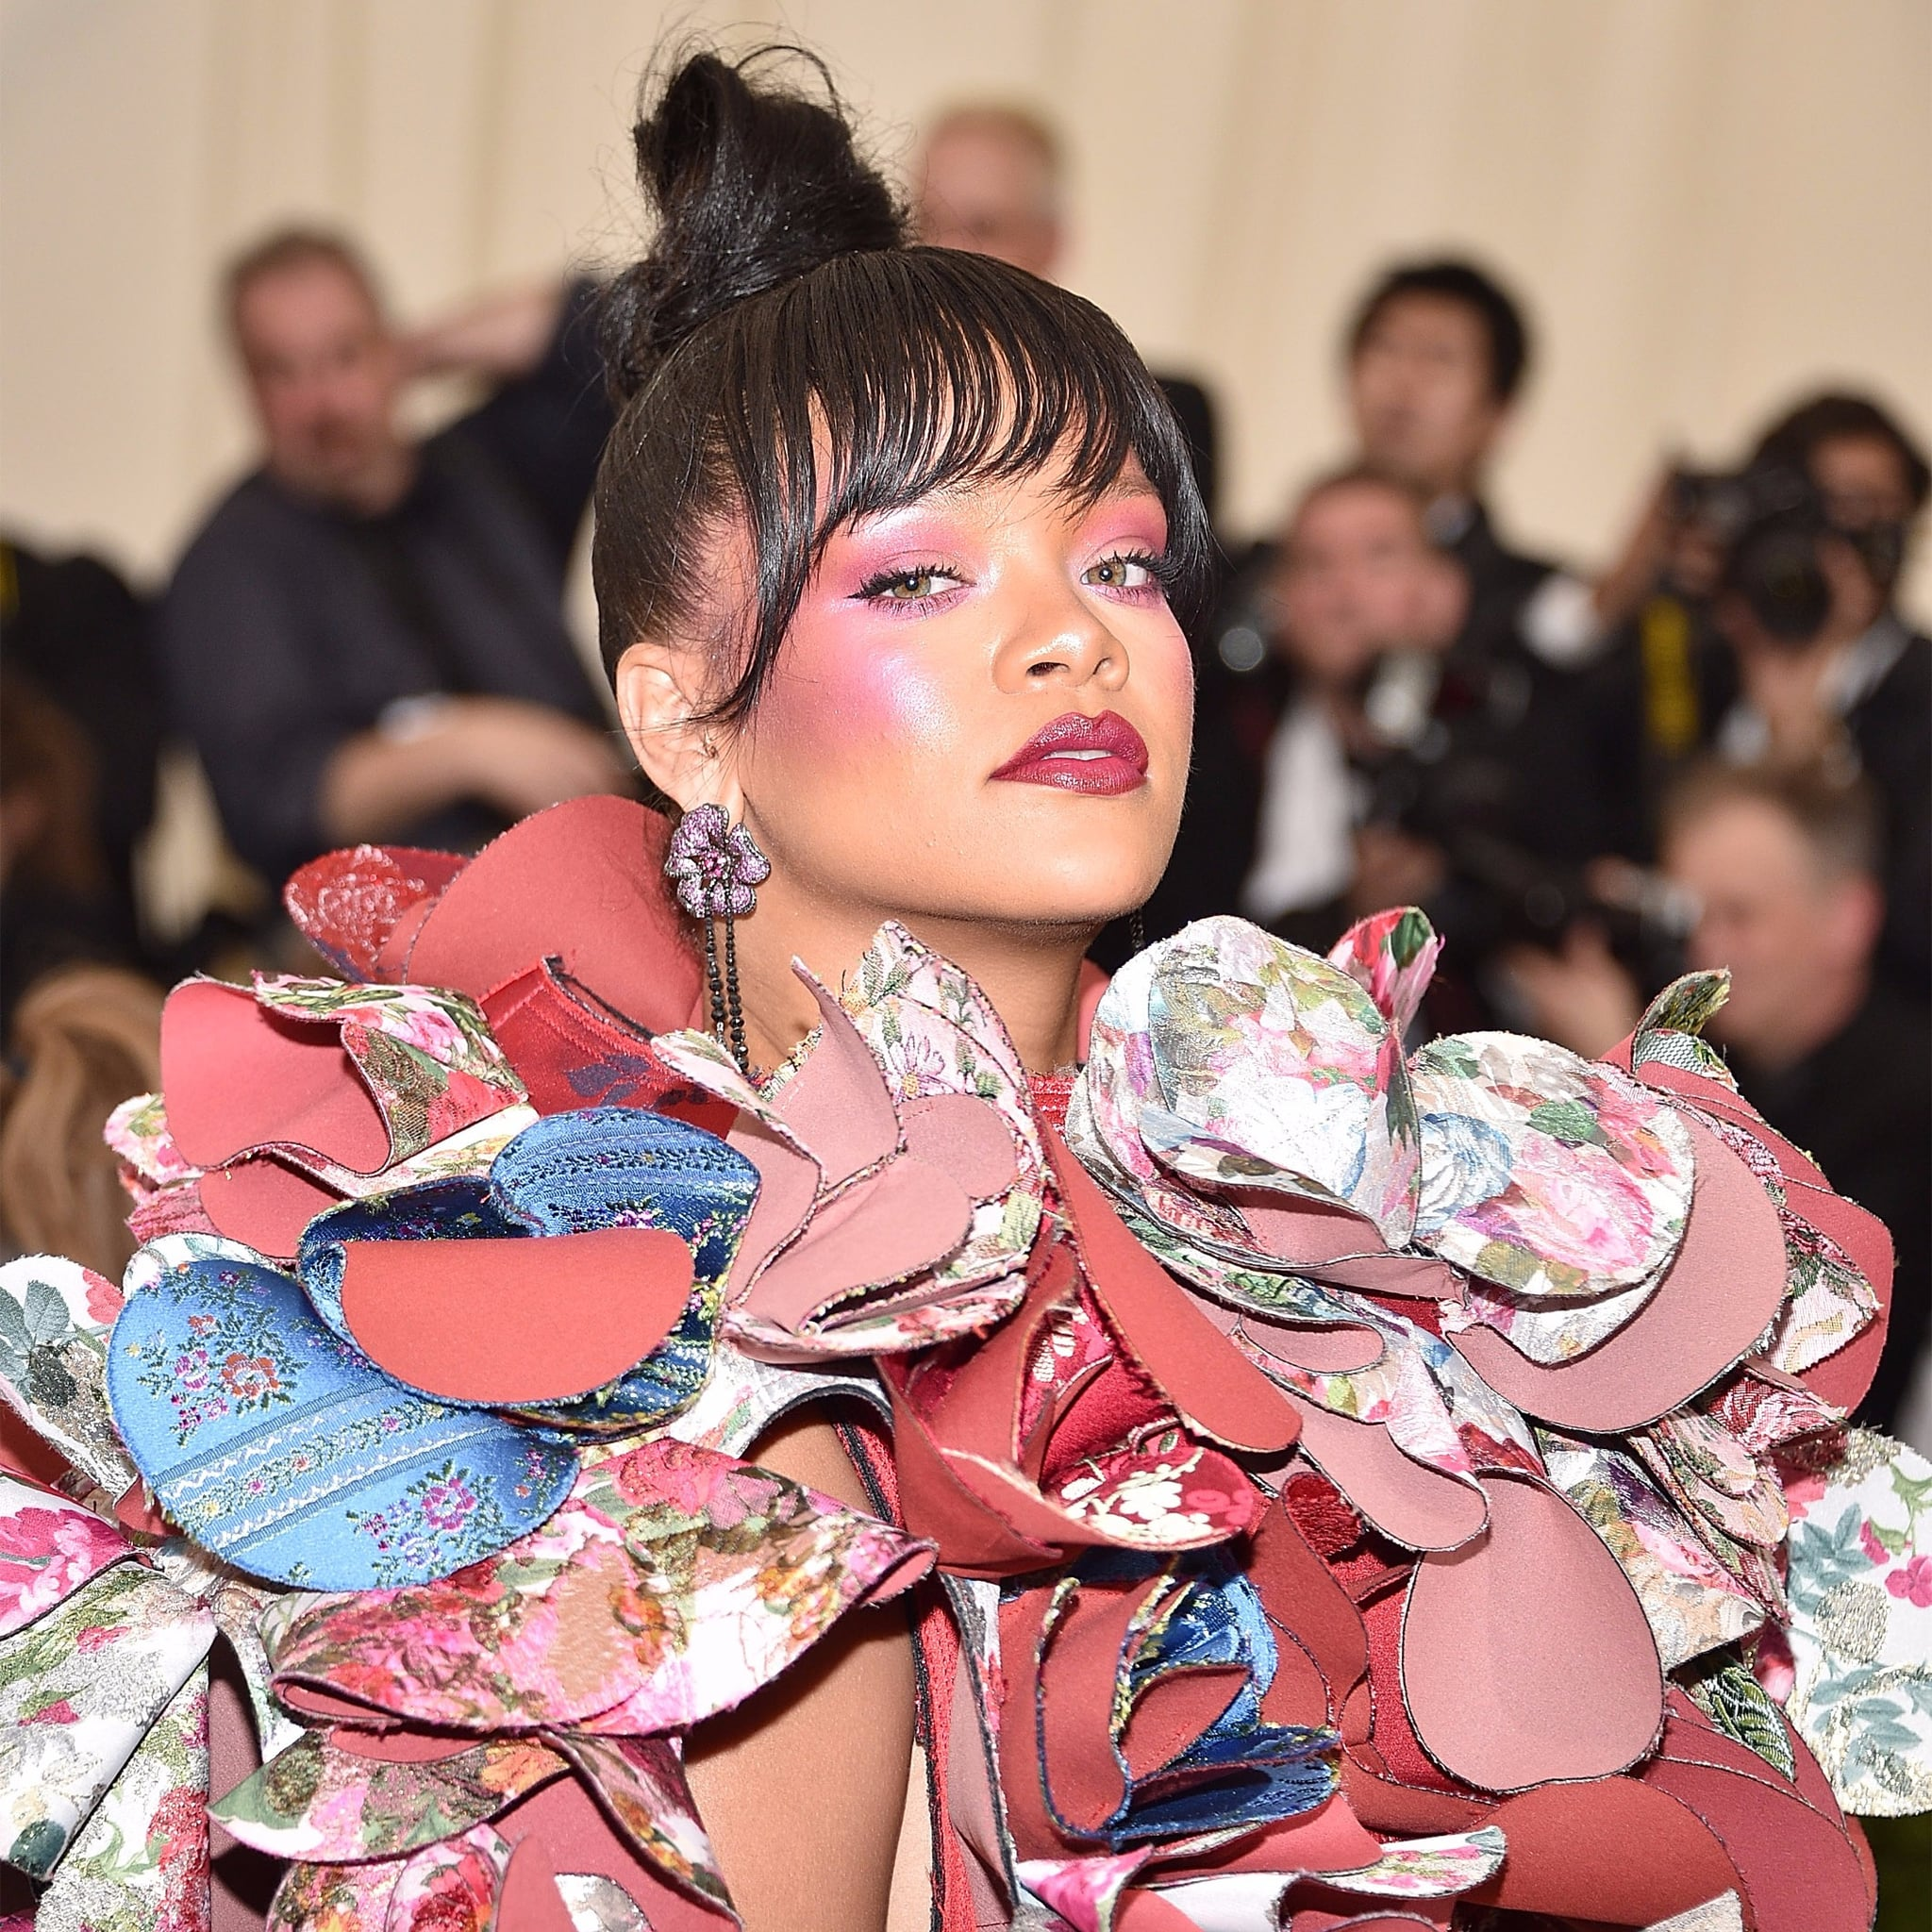 Buy Gala met rihannas hair makeup picture trends